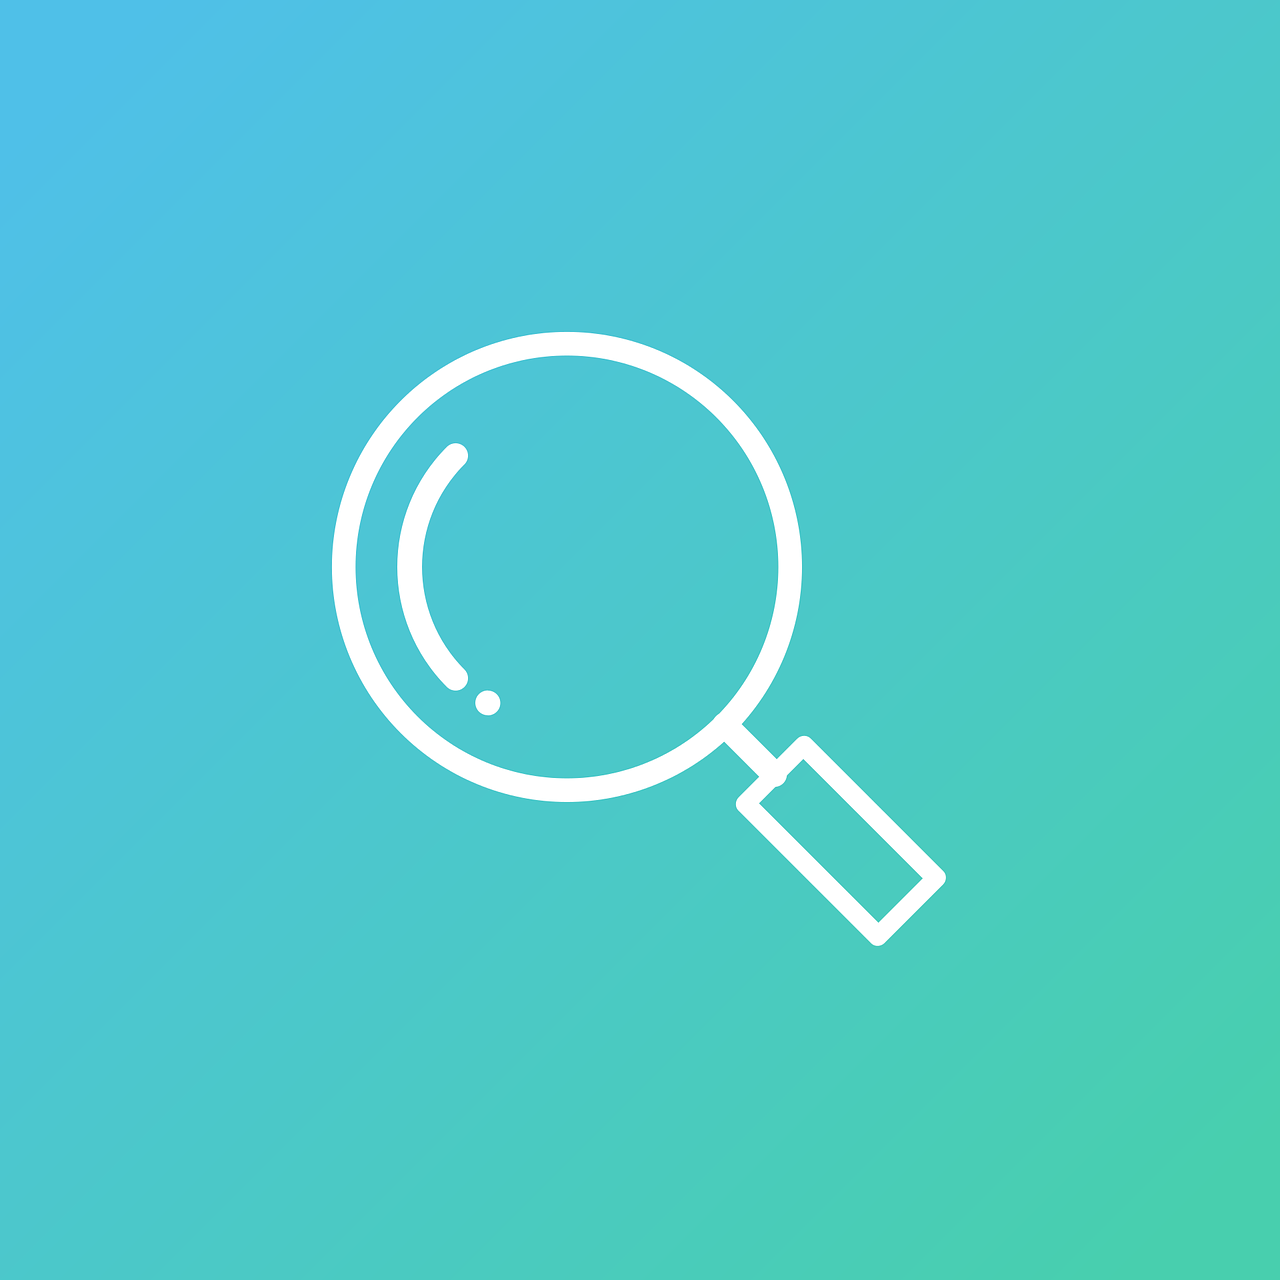 SEO知識のインプットに役立つTwitterアカウント6選。サイト集客を本格的にやっている方向け。